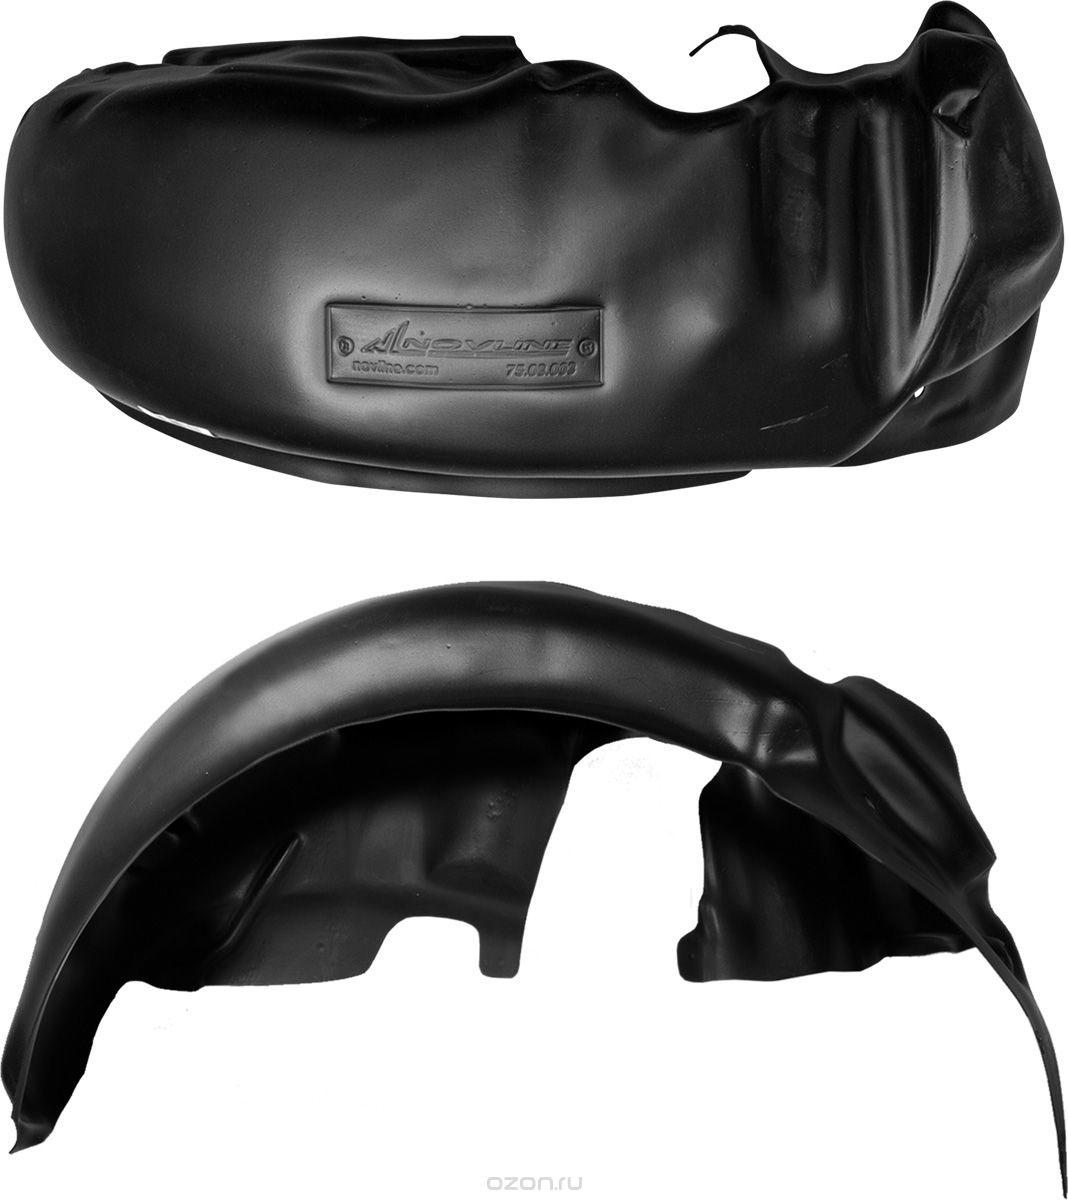 Подкрылок Novline-Autofamily, для TOYOTA Corolla , 2013->, задний правыйNLL.48.57.004Идеальная защита колесной ниши. Локеры разработаны с применением цифровых технологий, гарантируют максимальную повторяемость поверхности арки. Изделия устанавливаются без нарушения лакокрасочного покрытия автомобиля, каждый подкрылок комплектуется крепежом. Уважаемые клиенты, обращаем ваше внимание, что фотографии на подкрылки универсальные и не отражают реальную форму изделия. При этом само изделие идет точно под размер указанного автомобиля.